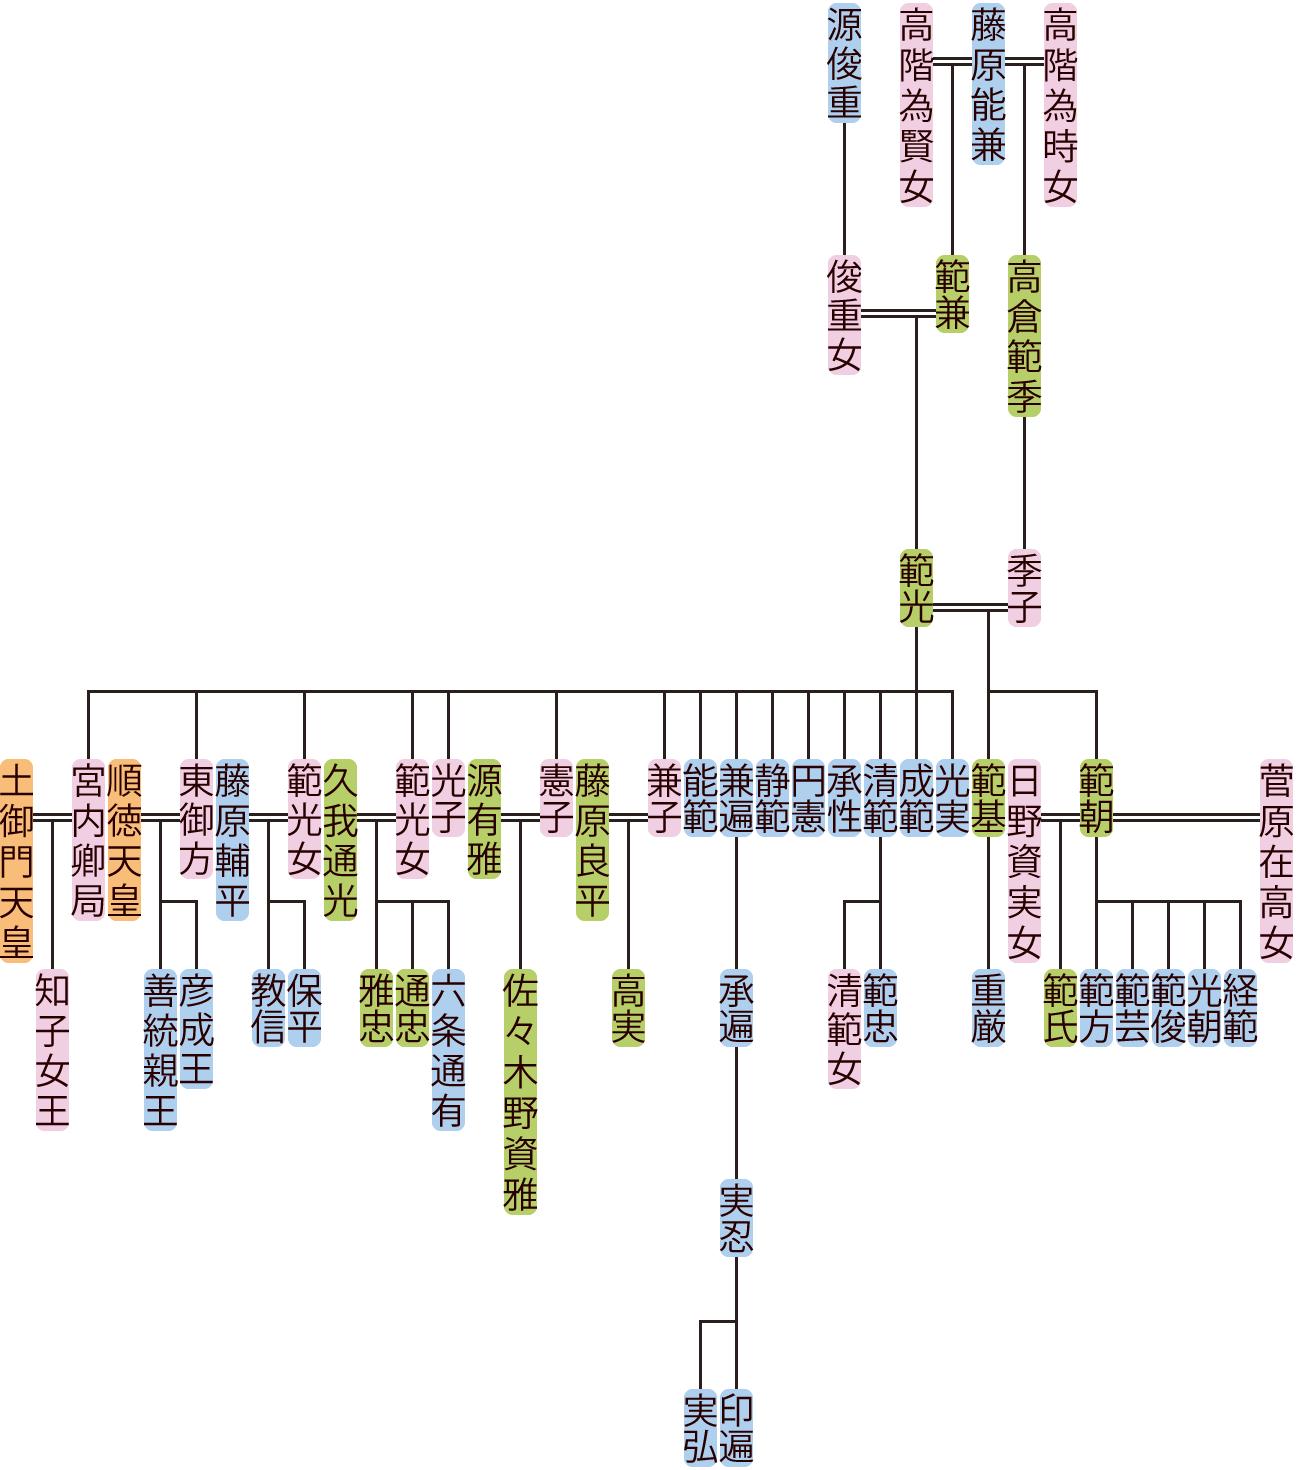 藤原範光の系図